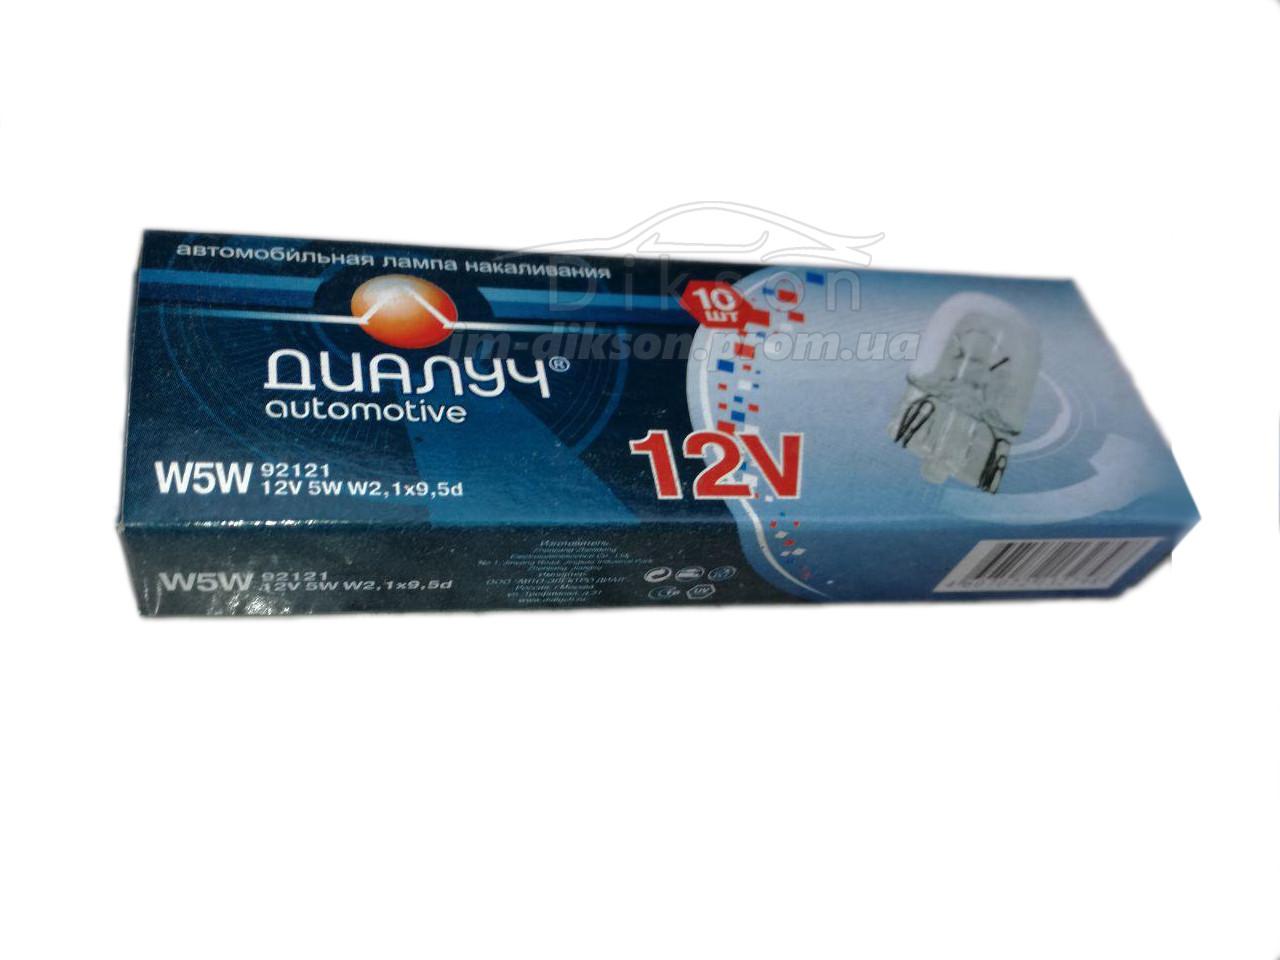 Лампочка Диалуч 24V 5W W2,1x9,5D W5W